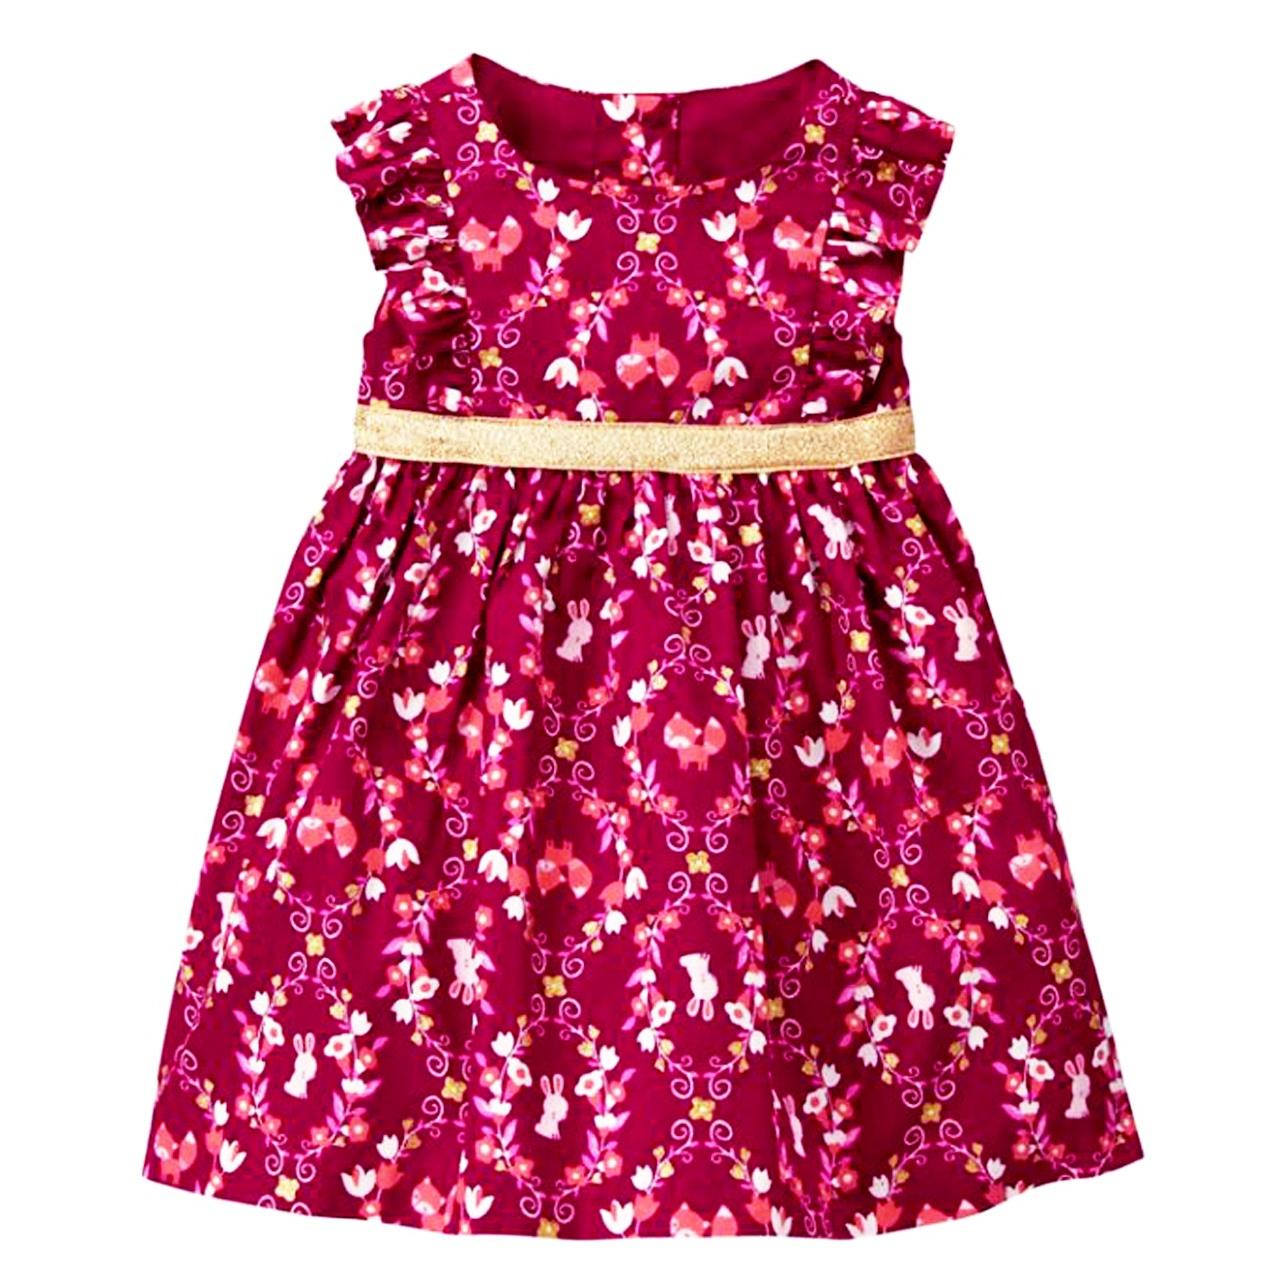 پیراهن نوزادی دخترانه جیمبوری کد 85955